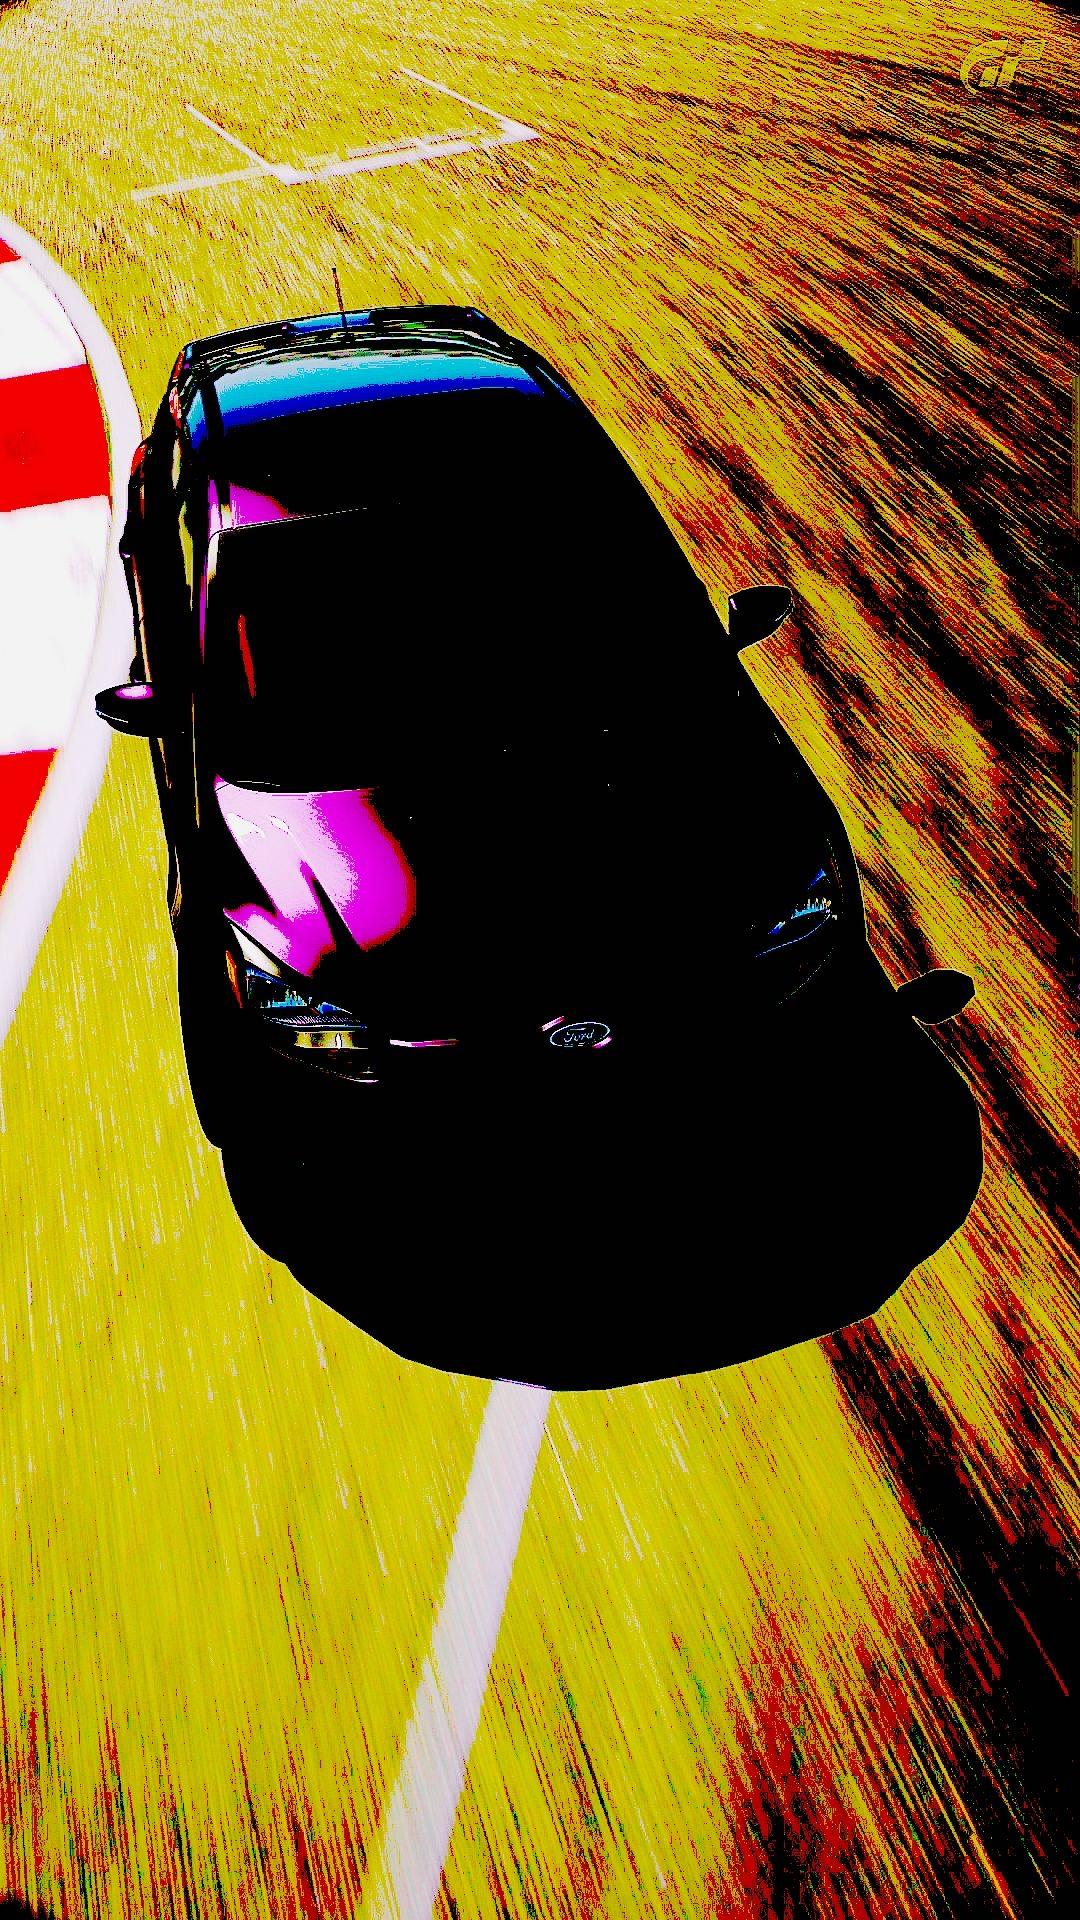 BeFunky_Silverstone International Circuit.jpg.jpg